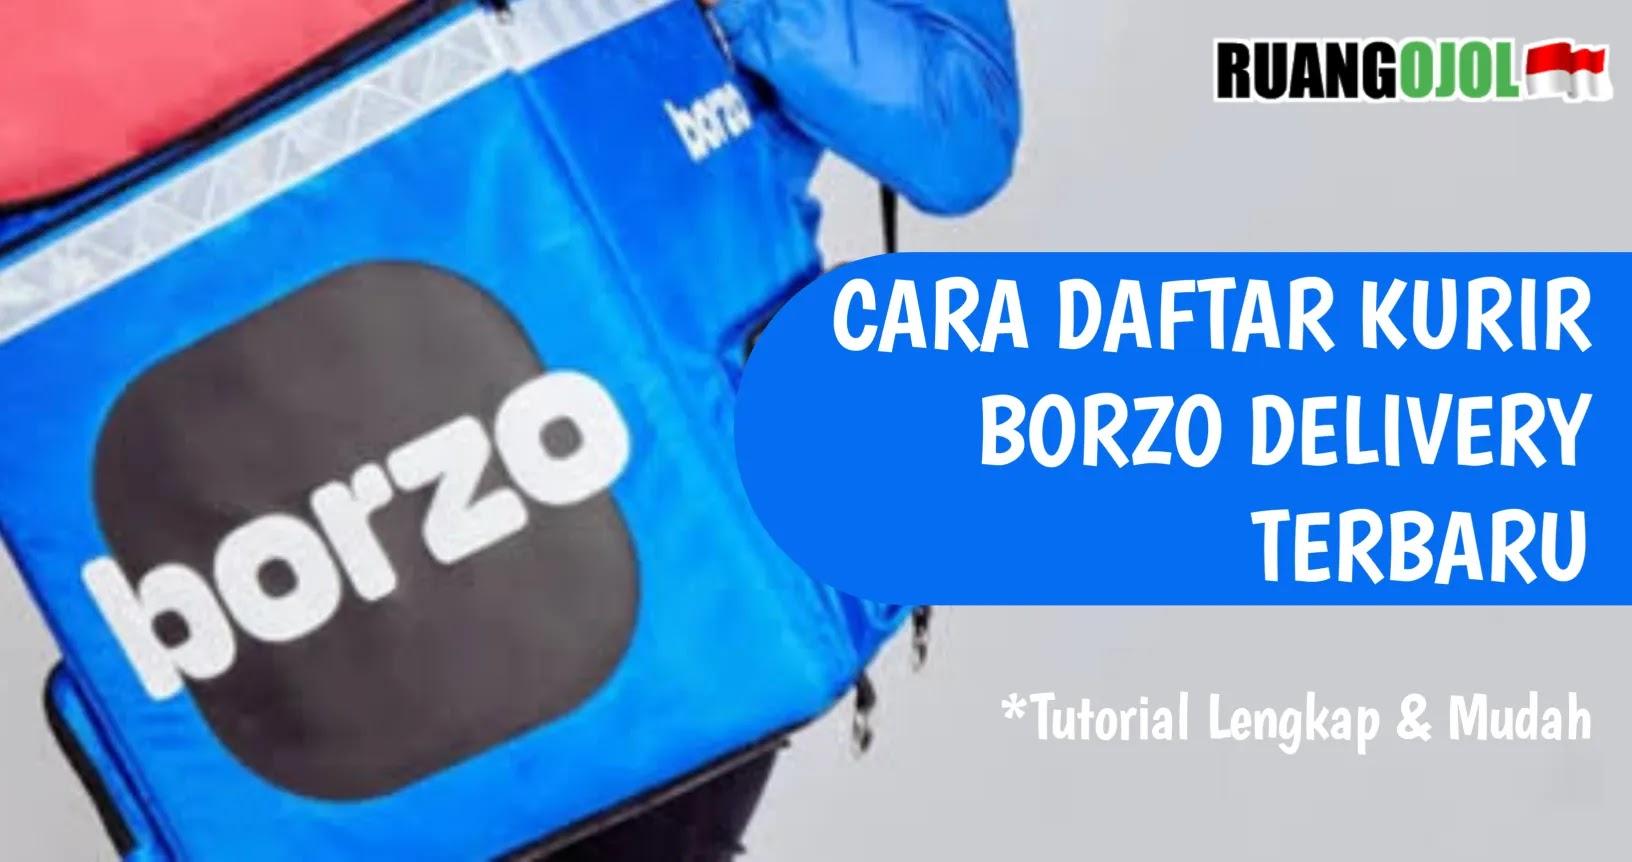 Cara daftar Kurir Borzo Delivery Terbaru   Syarat dan Ketentuan